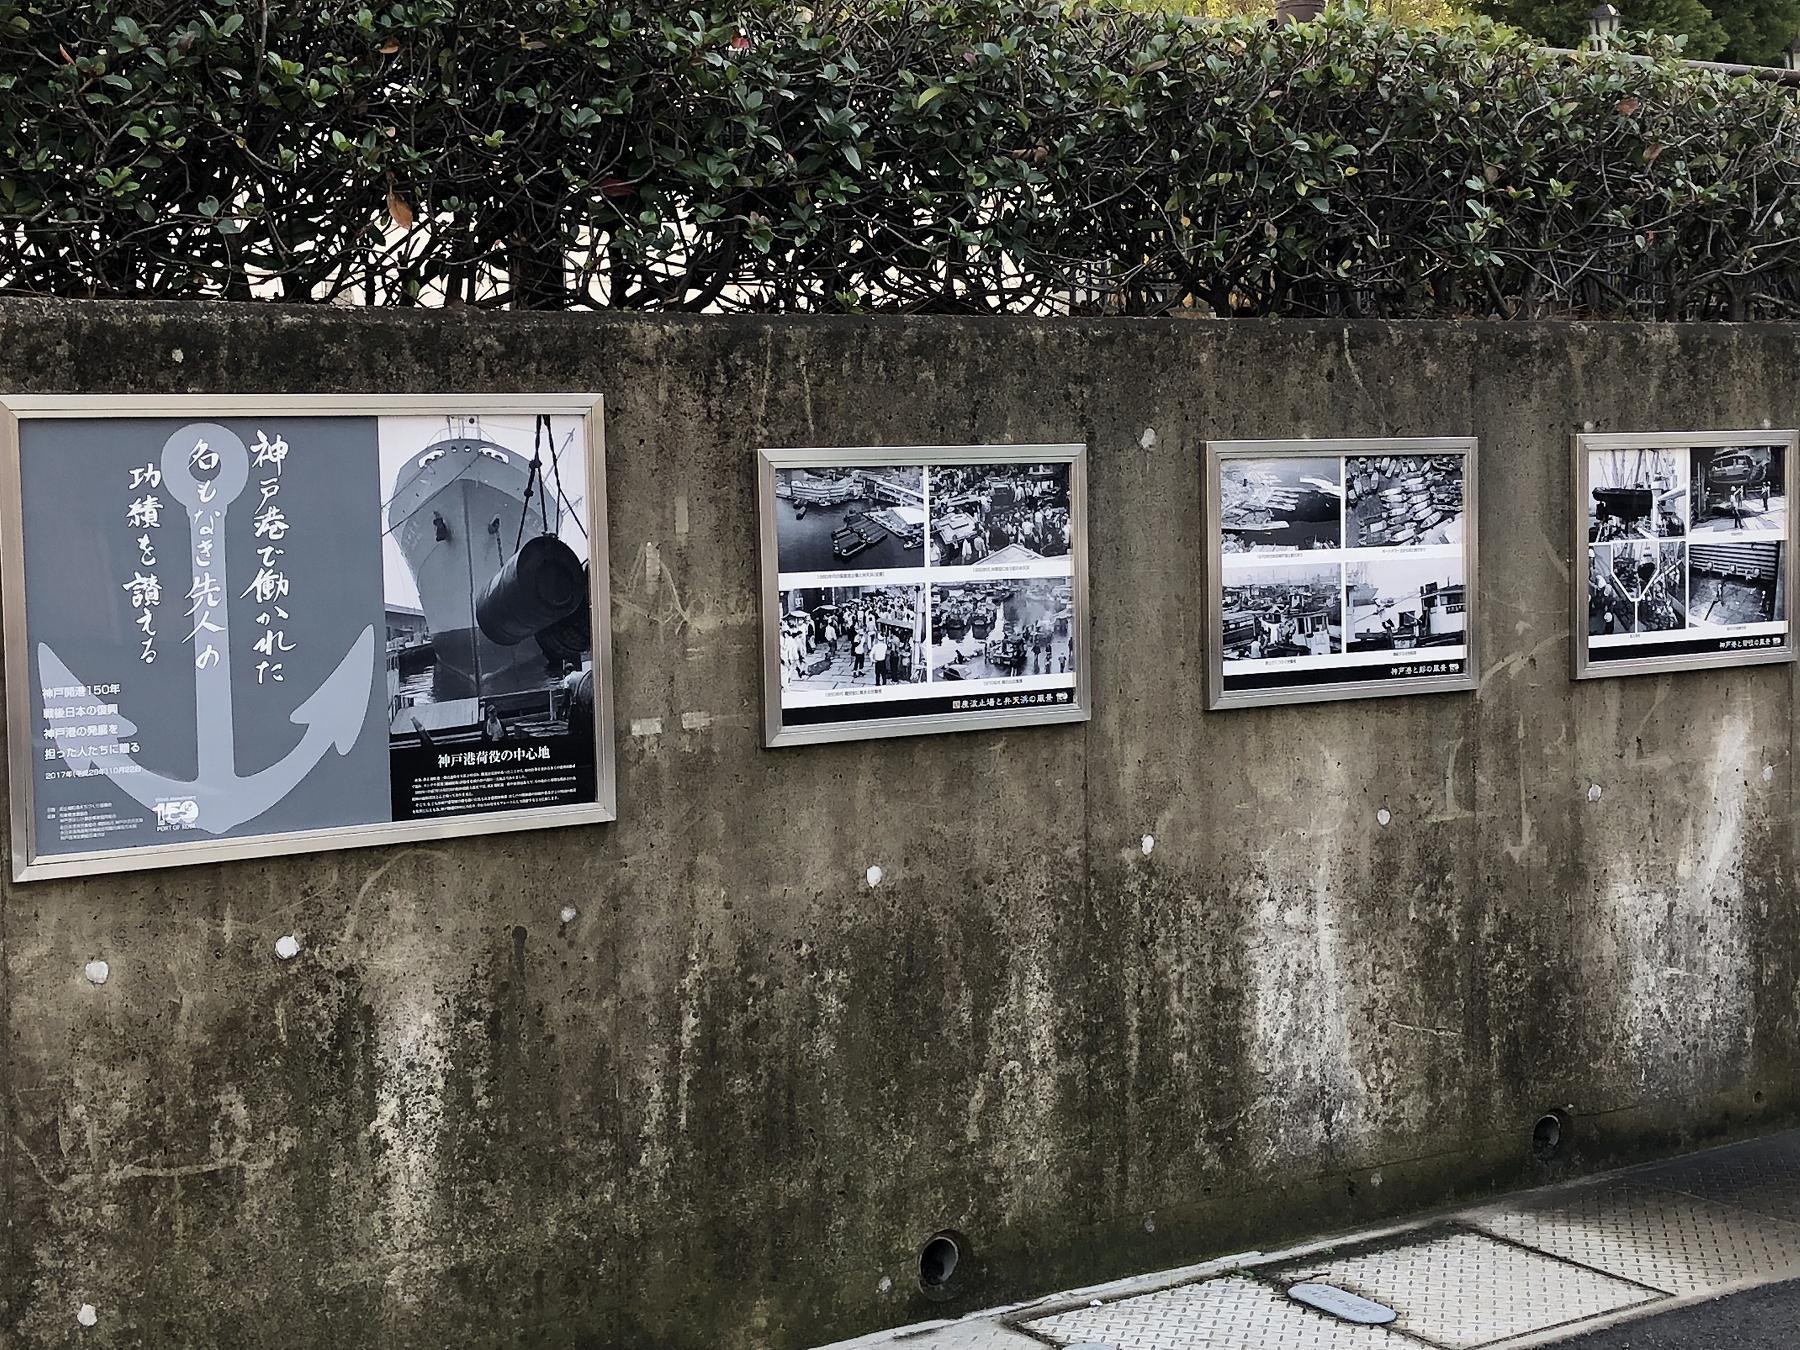 神戸ハーバーランド東側に「 #神戸港で働かれた名もなき先人の功績を讃える」記念碑が設置されているよ! #神戸開港150年 #神戸港